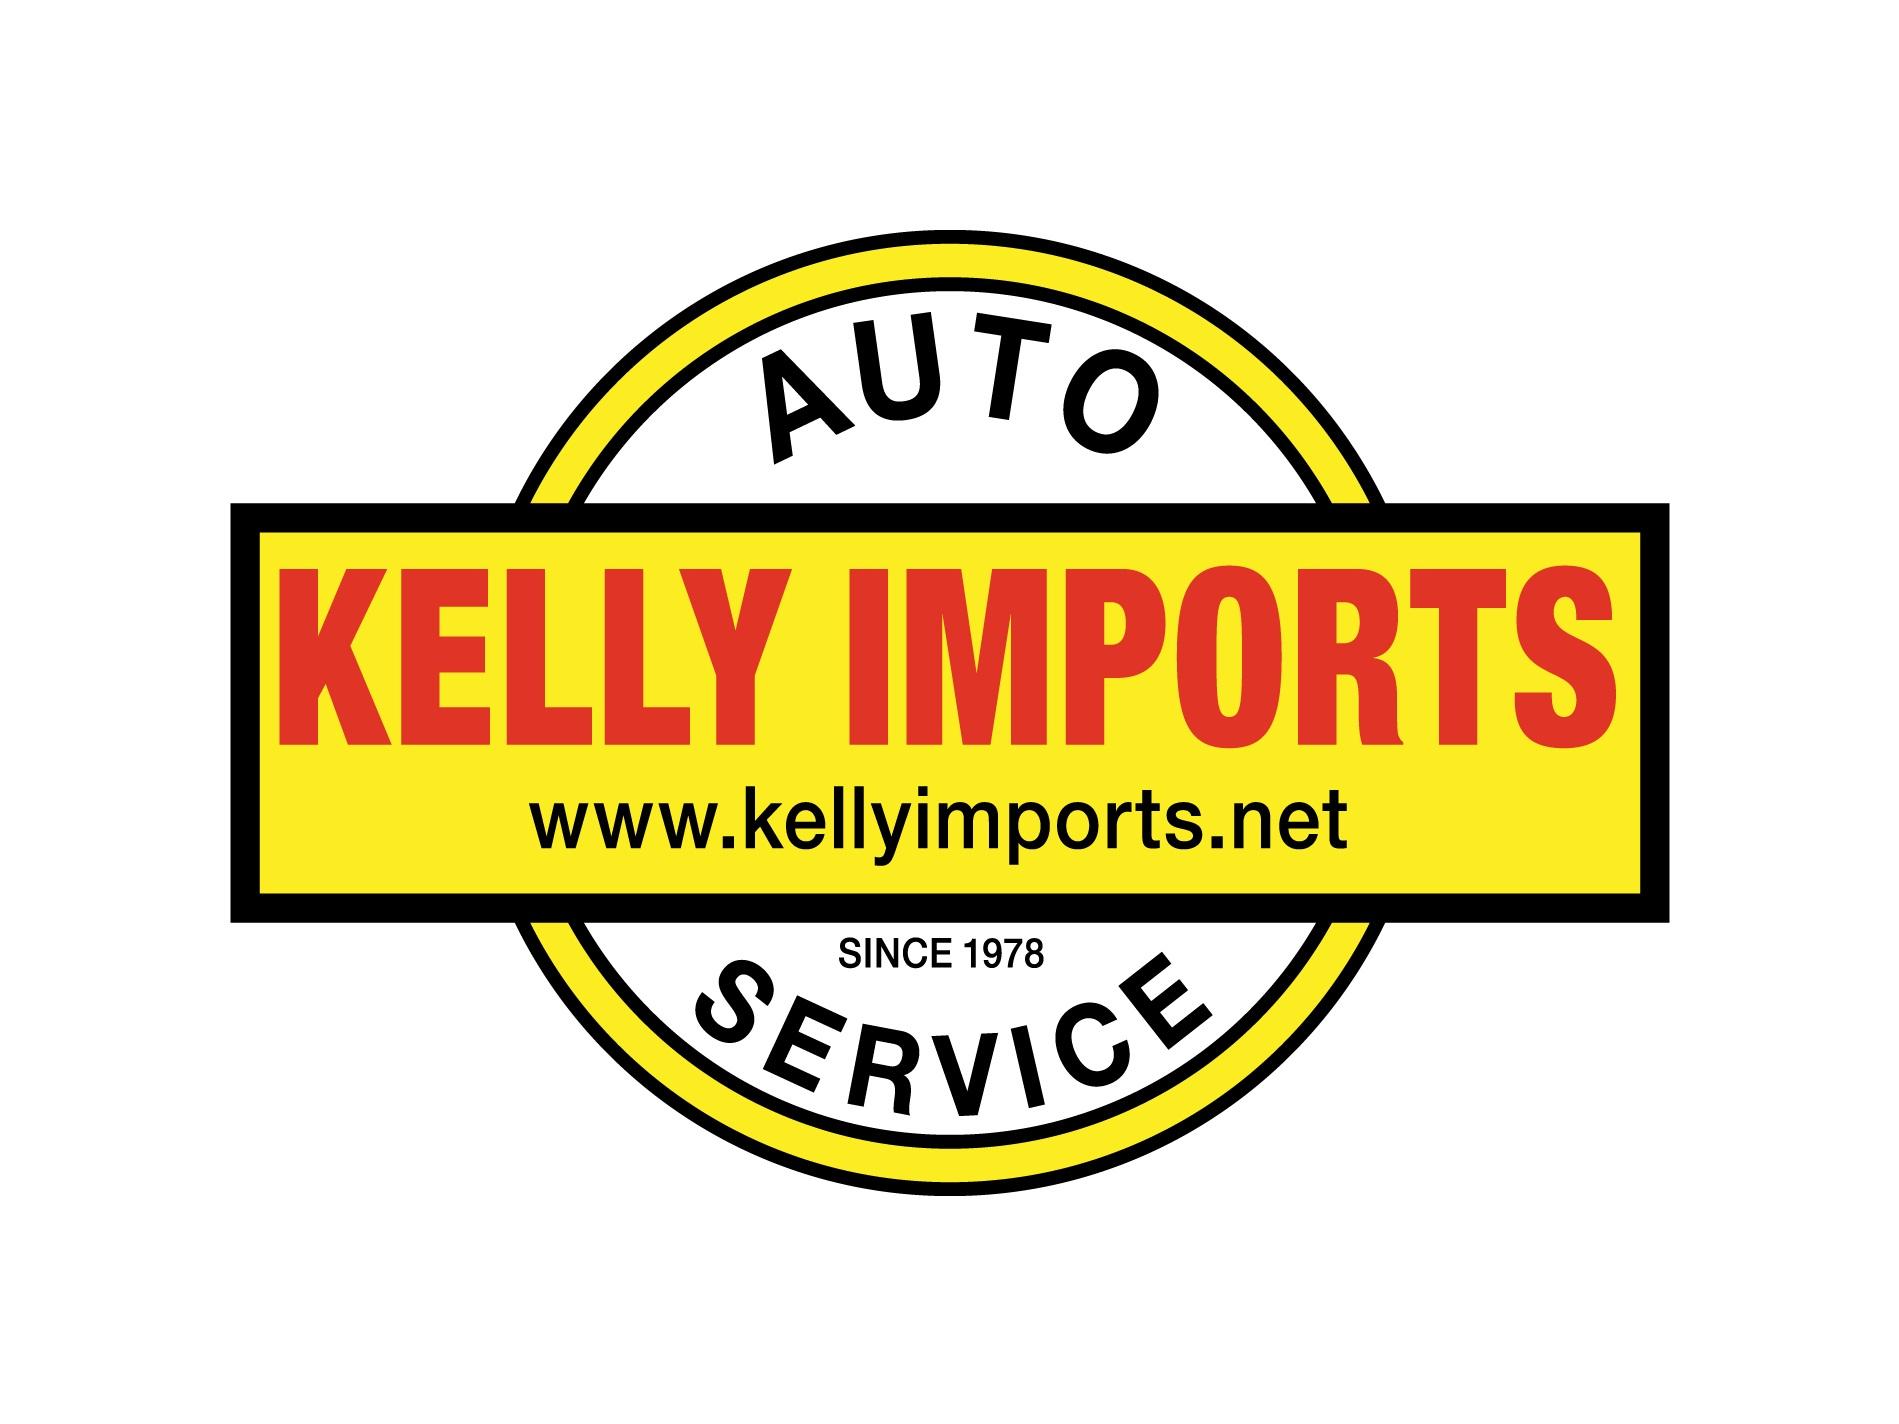 Kelly Imports